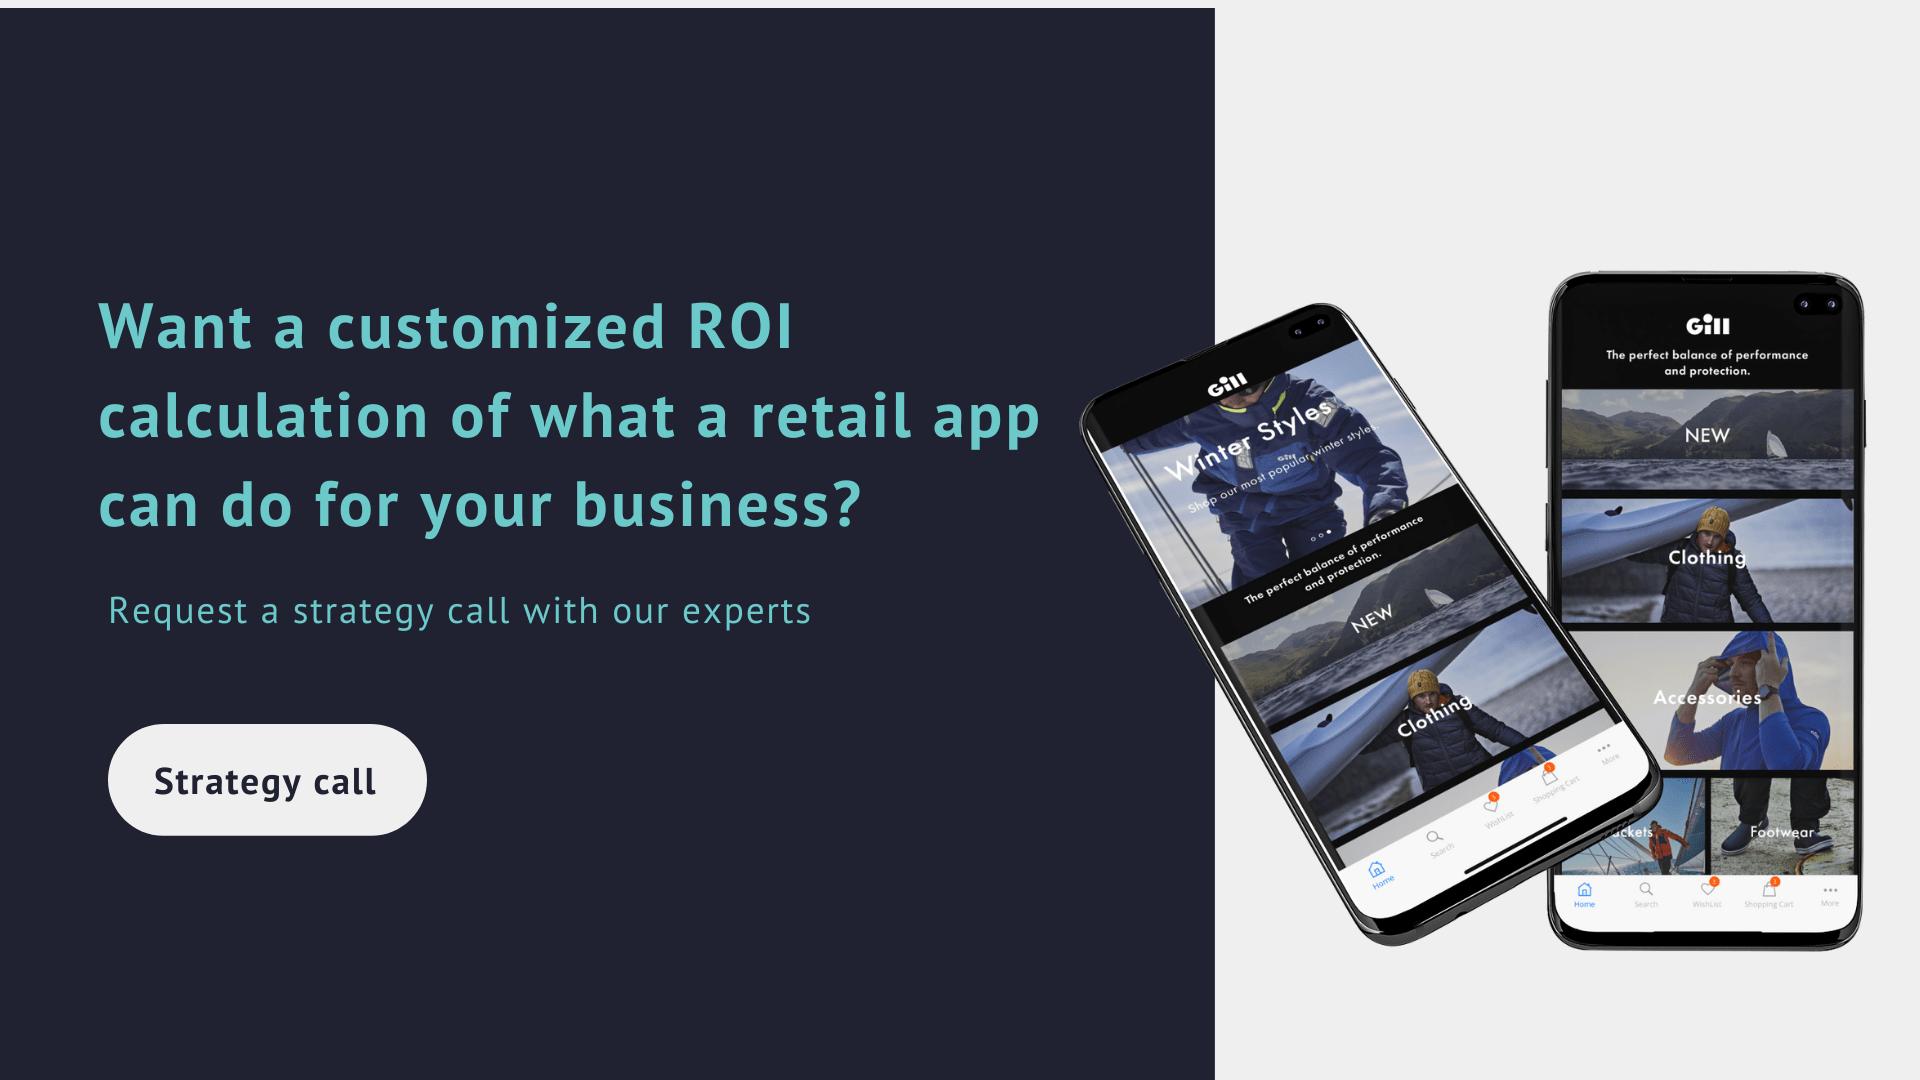 ROI retail app calculation